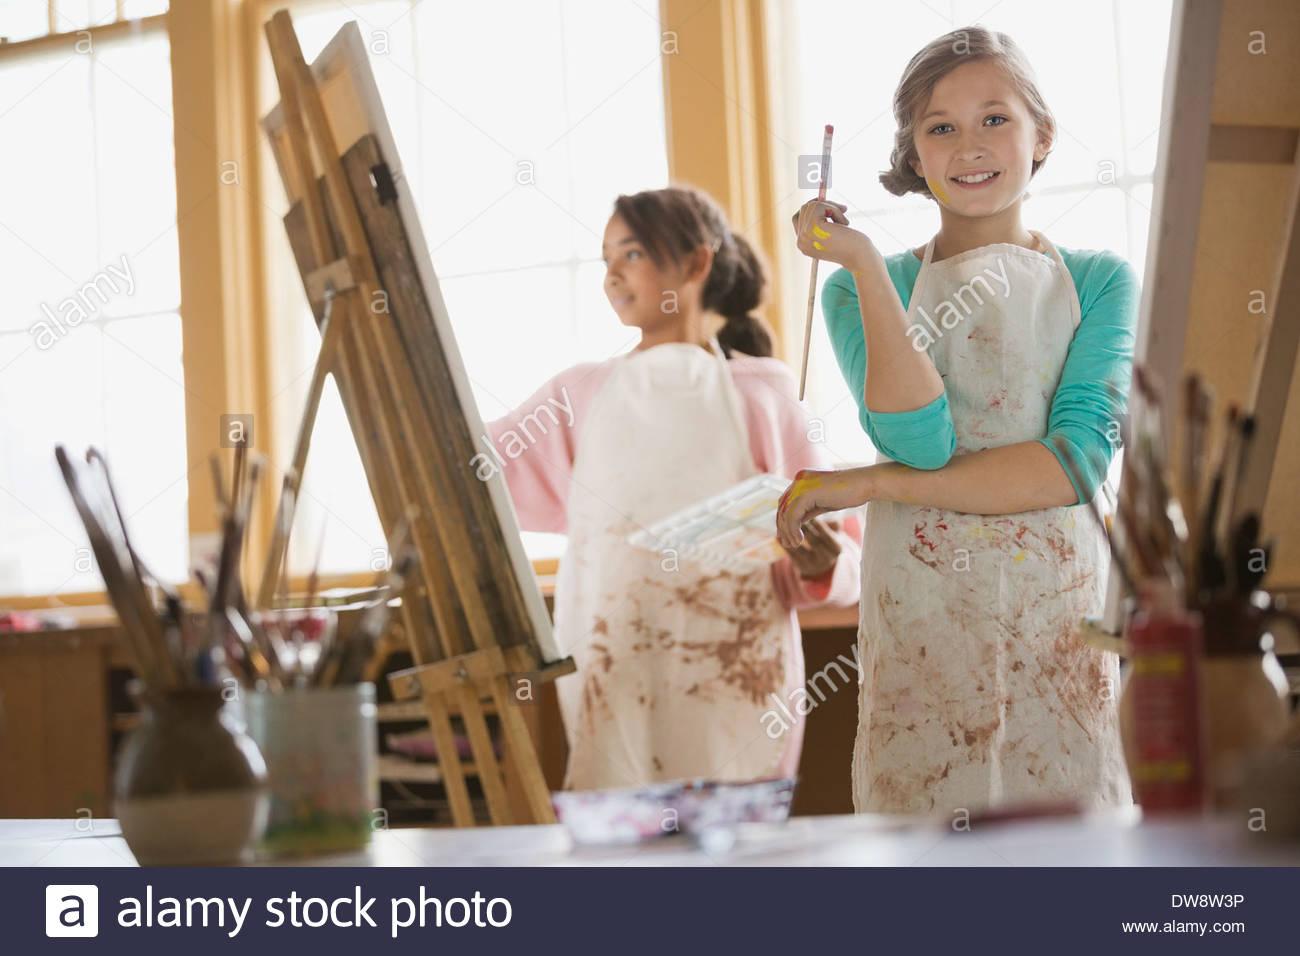 Retrato de seguros de chica en la clase de arte de pintura Imagen De Stock